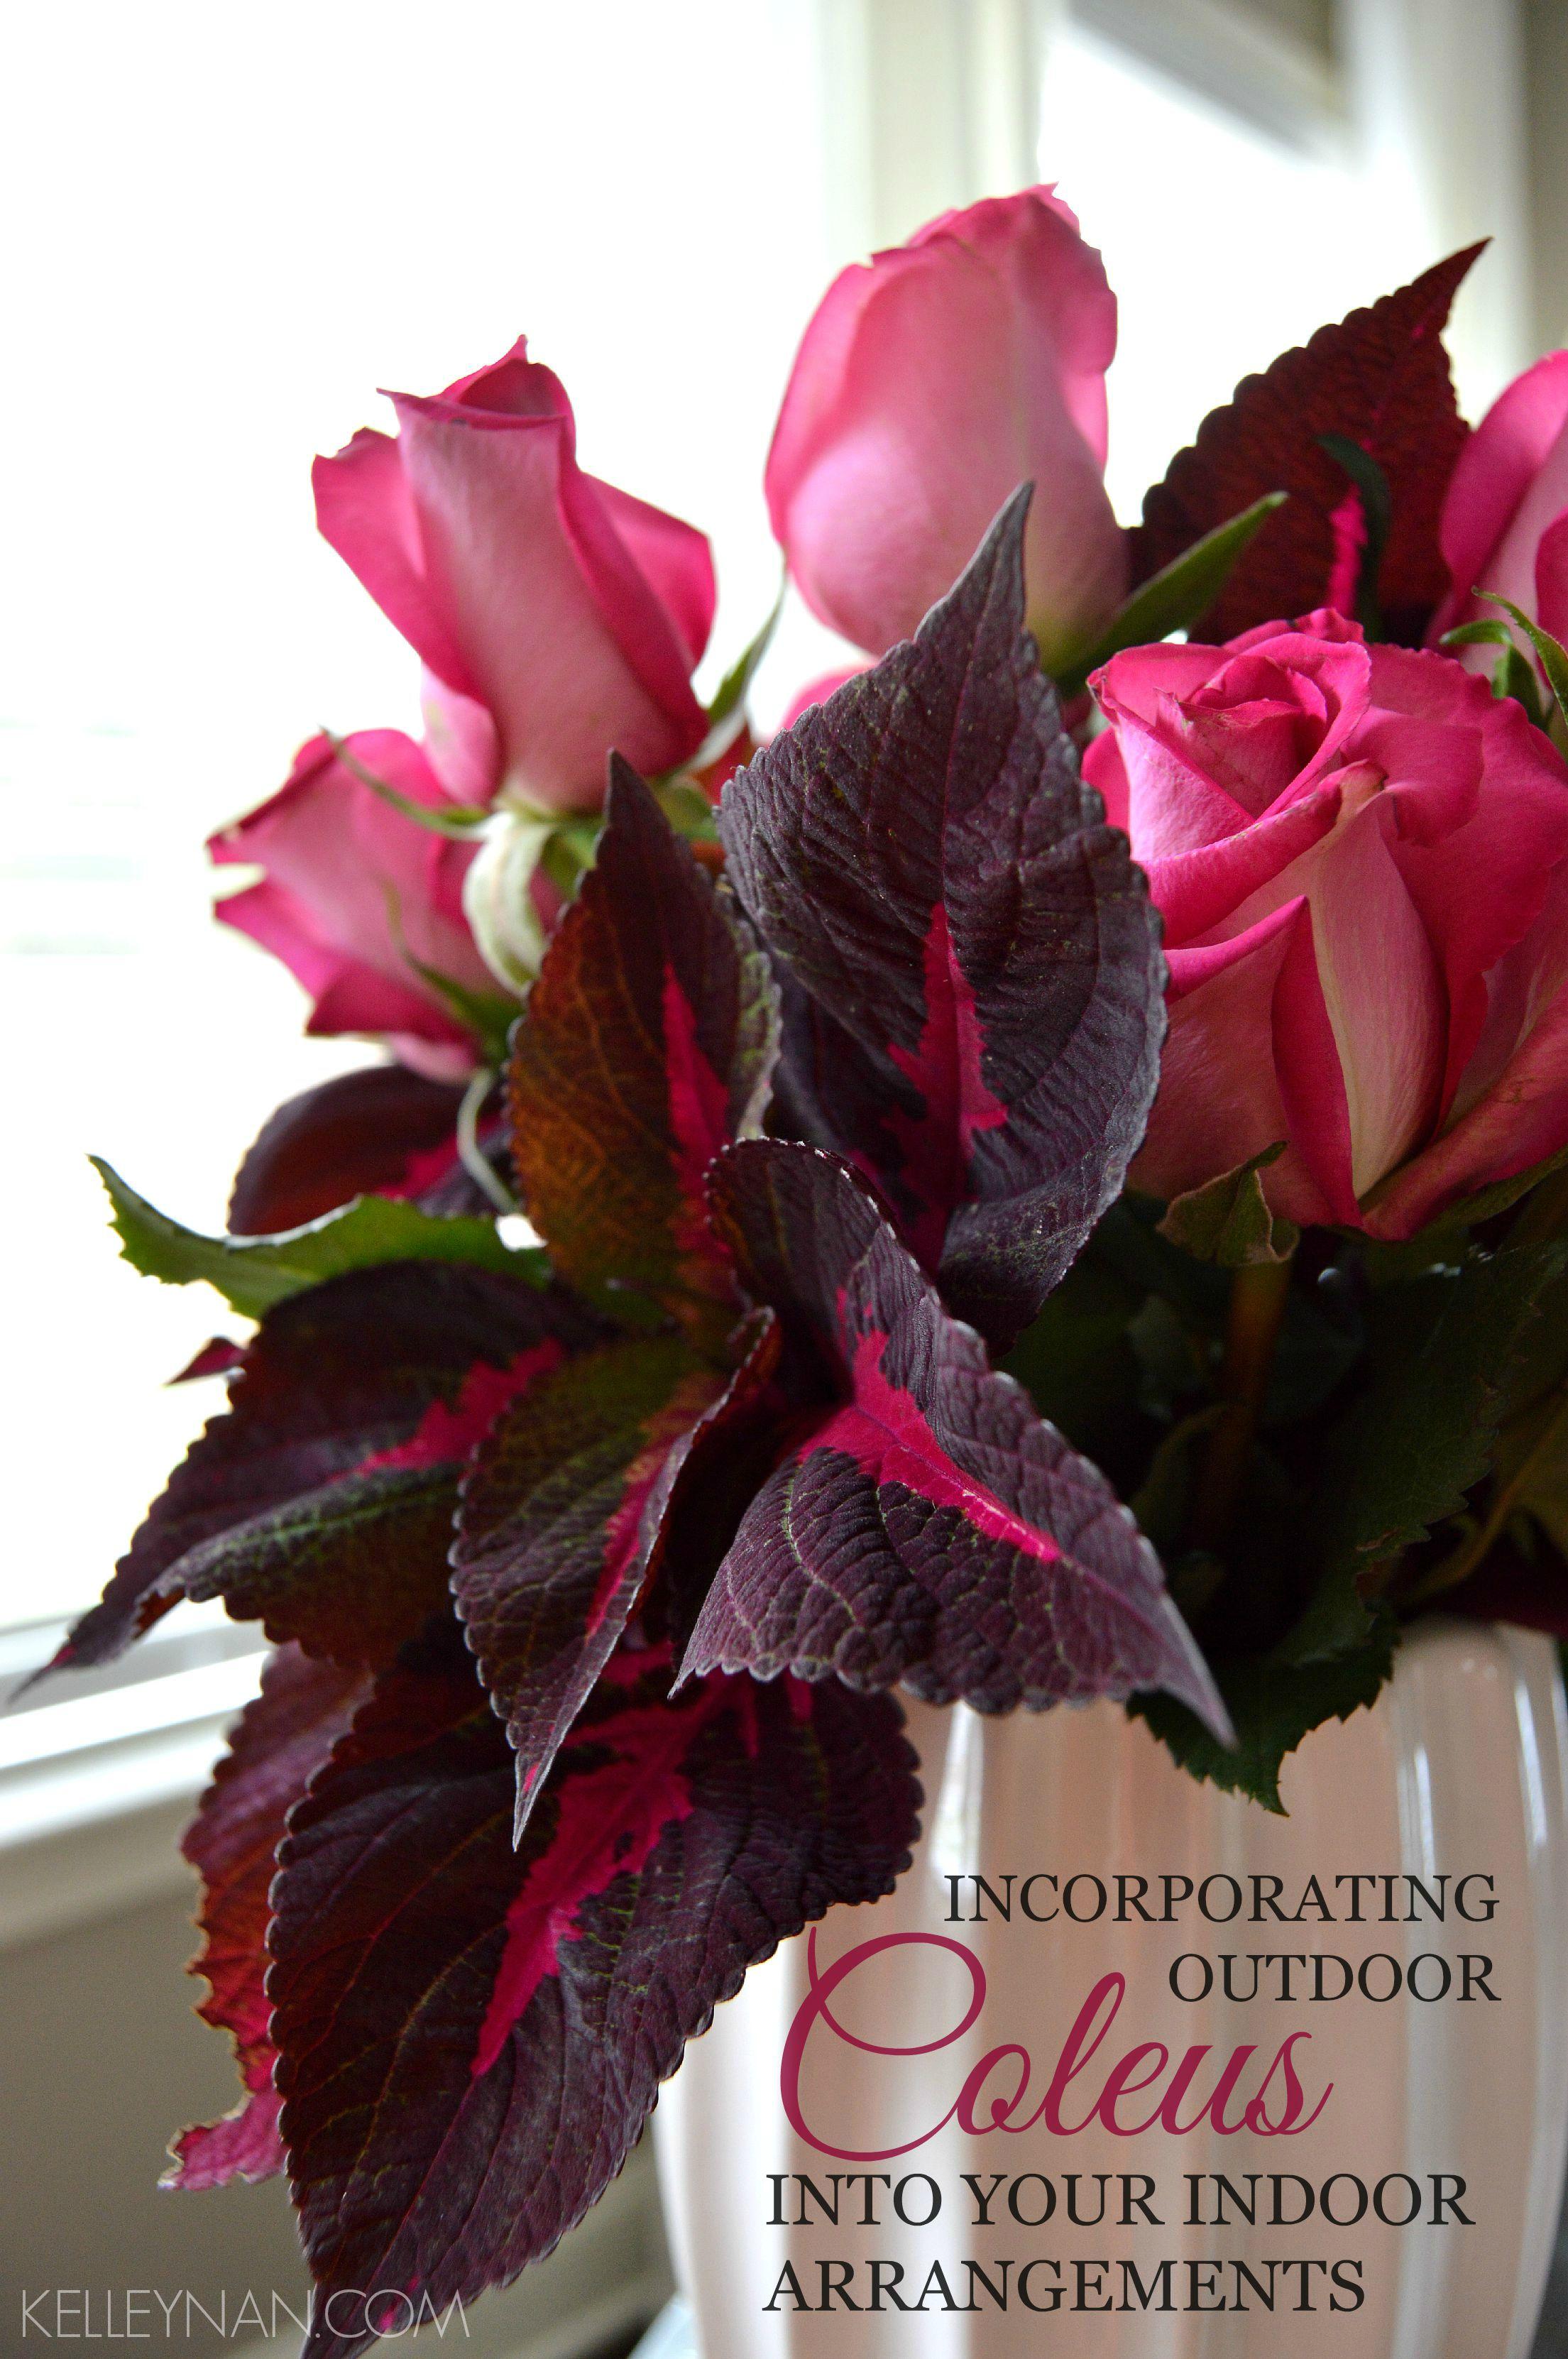 Incorporating Outdoor Coleus into Your Indoor Arrangements